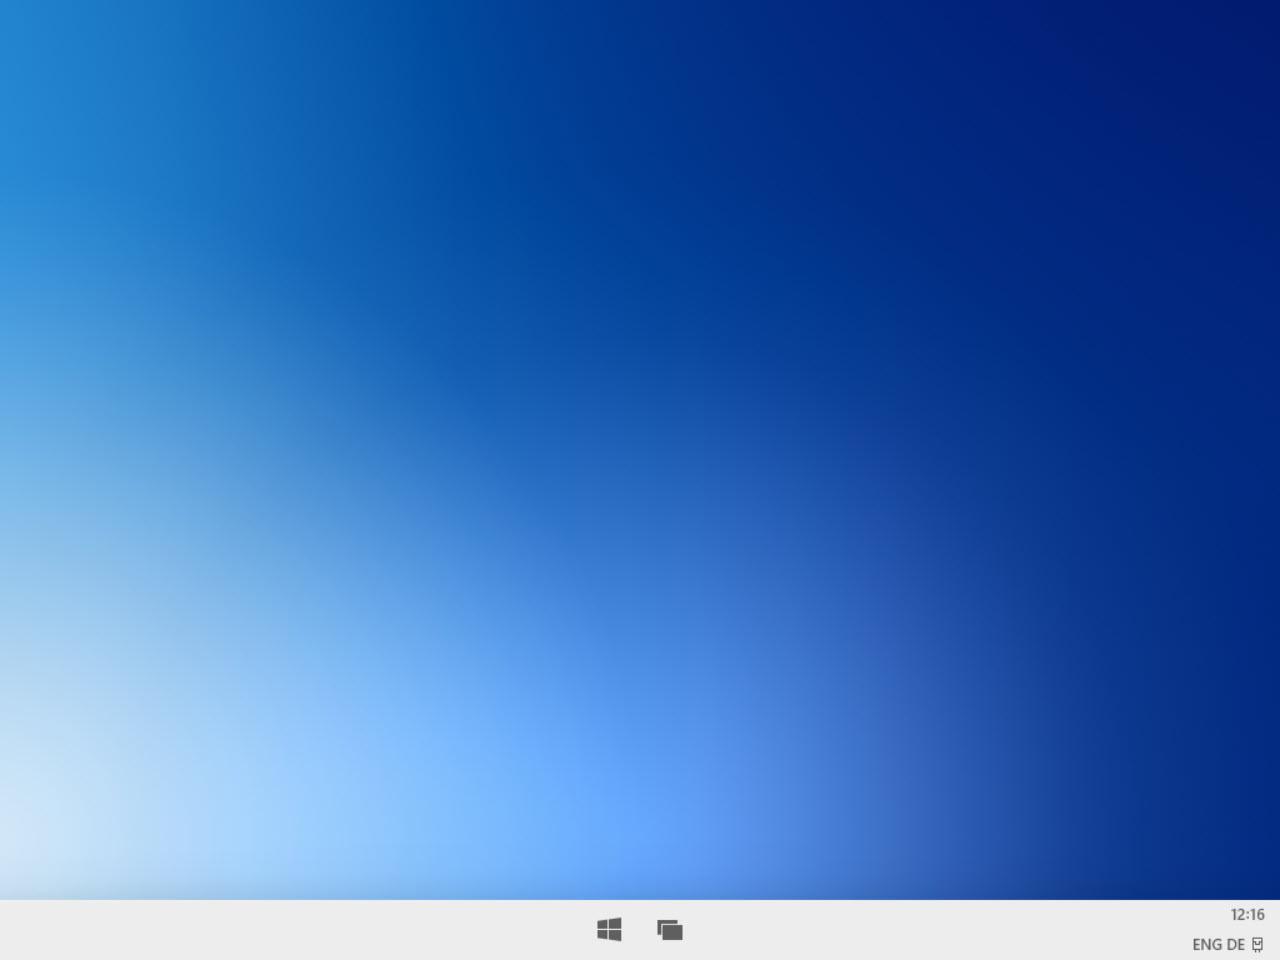 Windows 10X Desktop